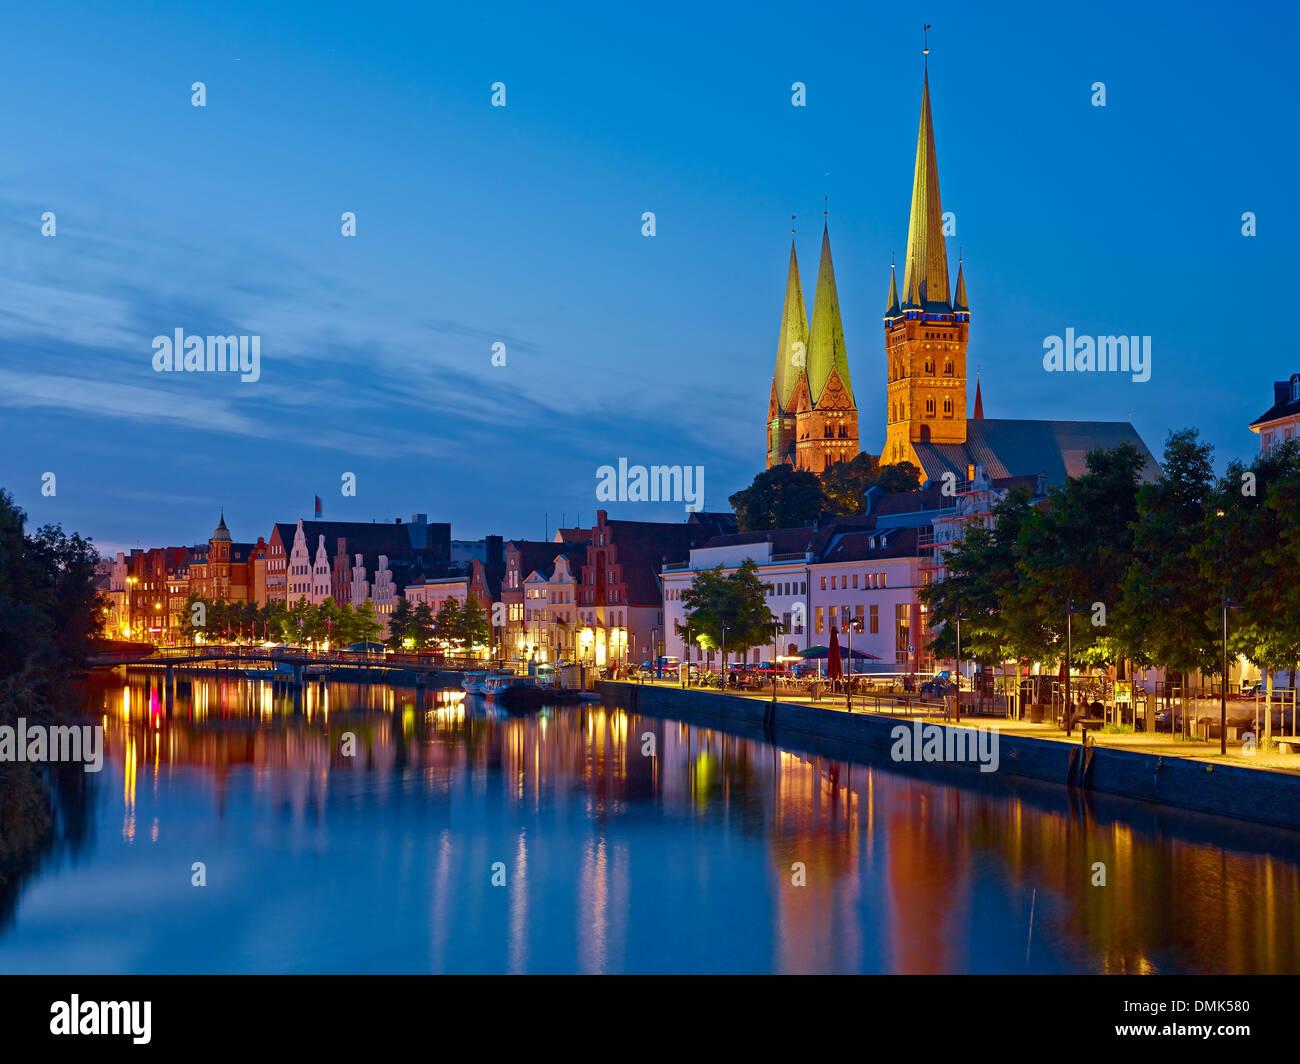 Blick auf Obertrave mit St. Marien Lübeck und St. Peters Kirche, Lübeck, Schleswig-Holstein, Deutschland Stockbild